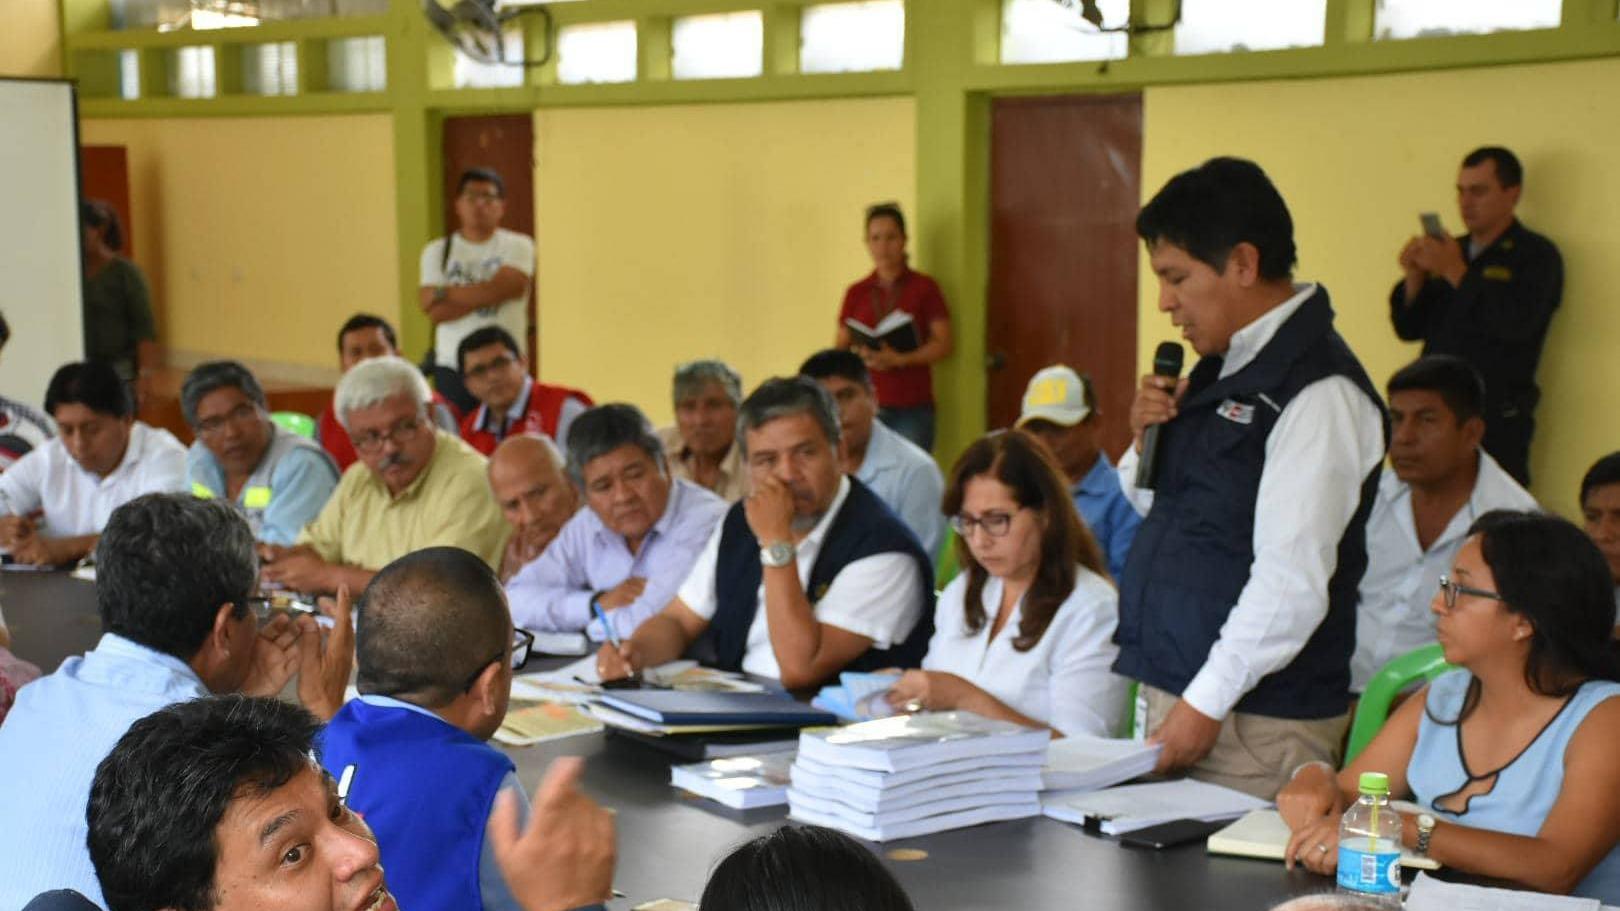 Funcionarios del Ministerio de Vivienda informan a los asistentes